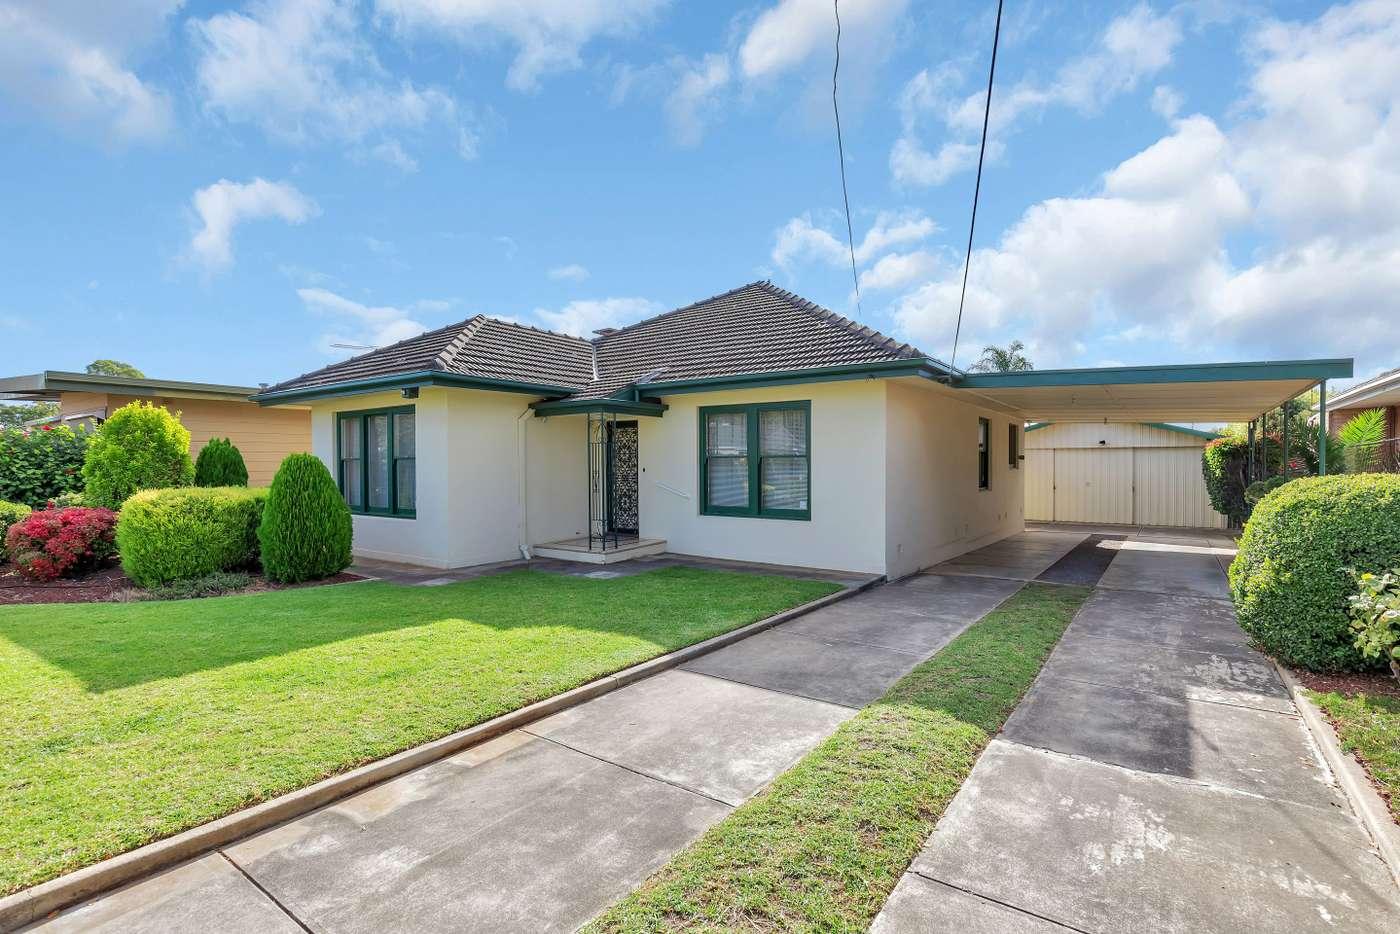 Main view of Homely house listing, 17 Tudor Avenue, Clovelly Park SA 5042